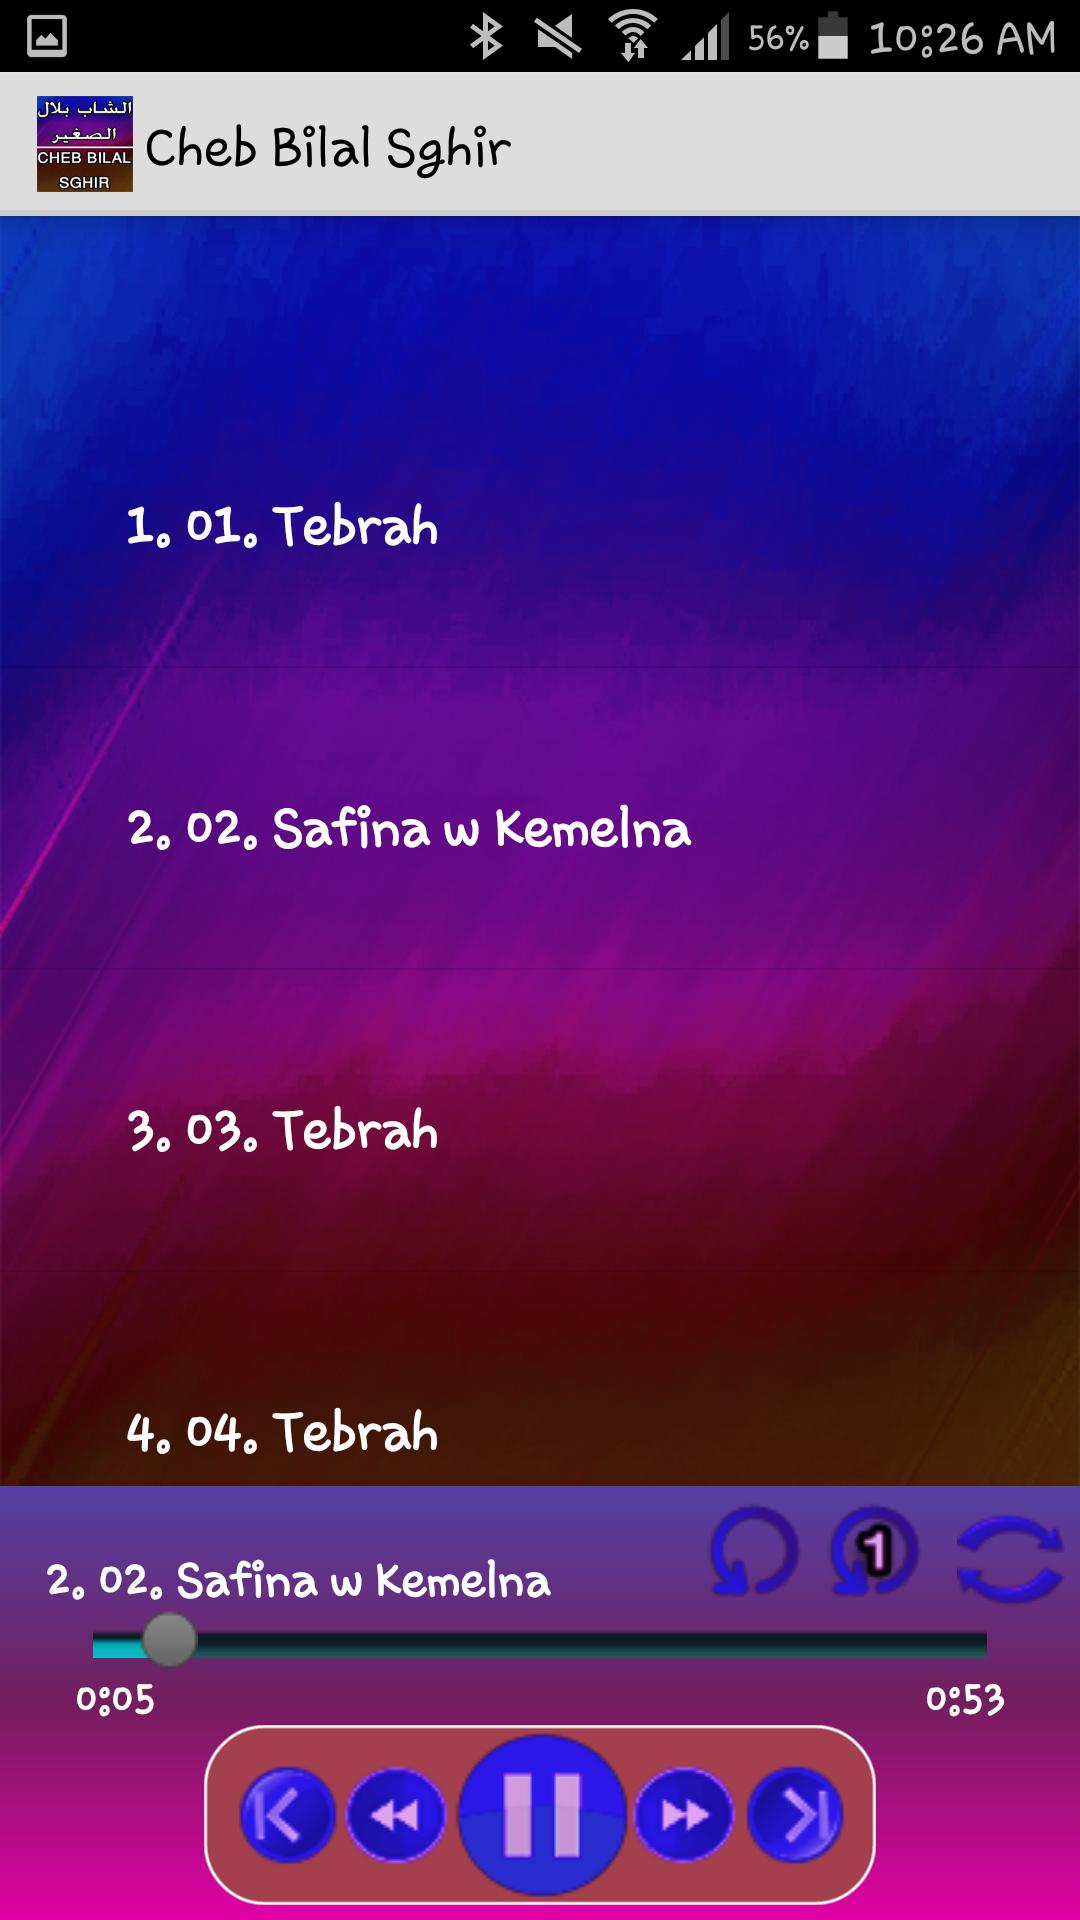 ABDOU GRATUIT 2009 CHEB TÉLÉCHARGER